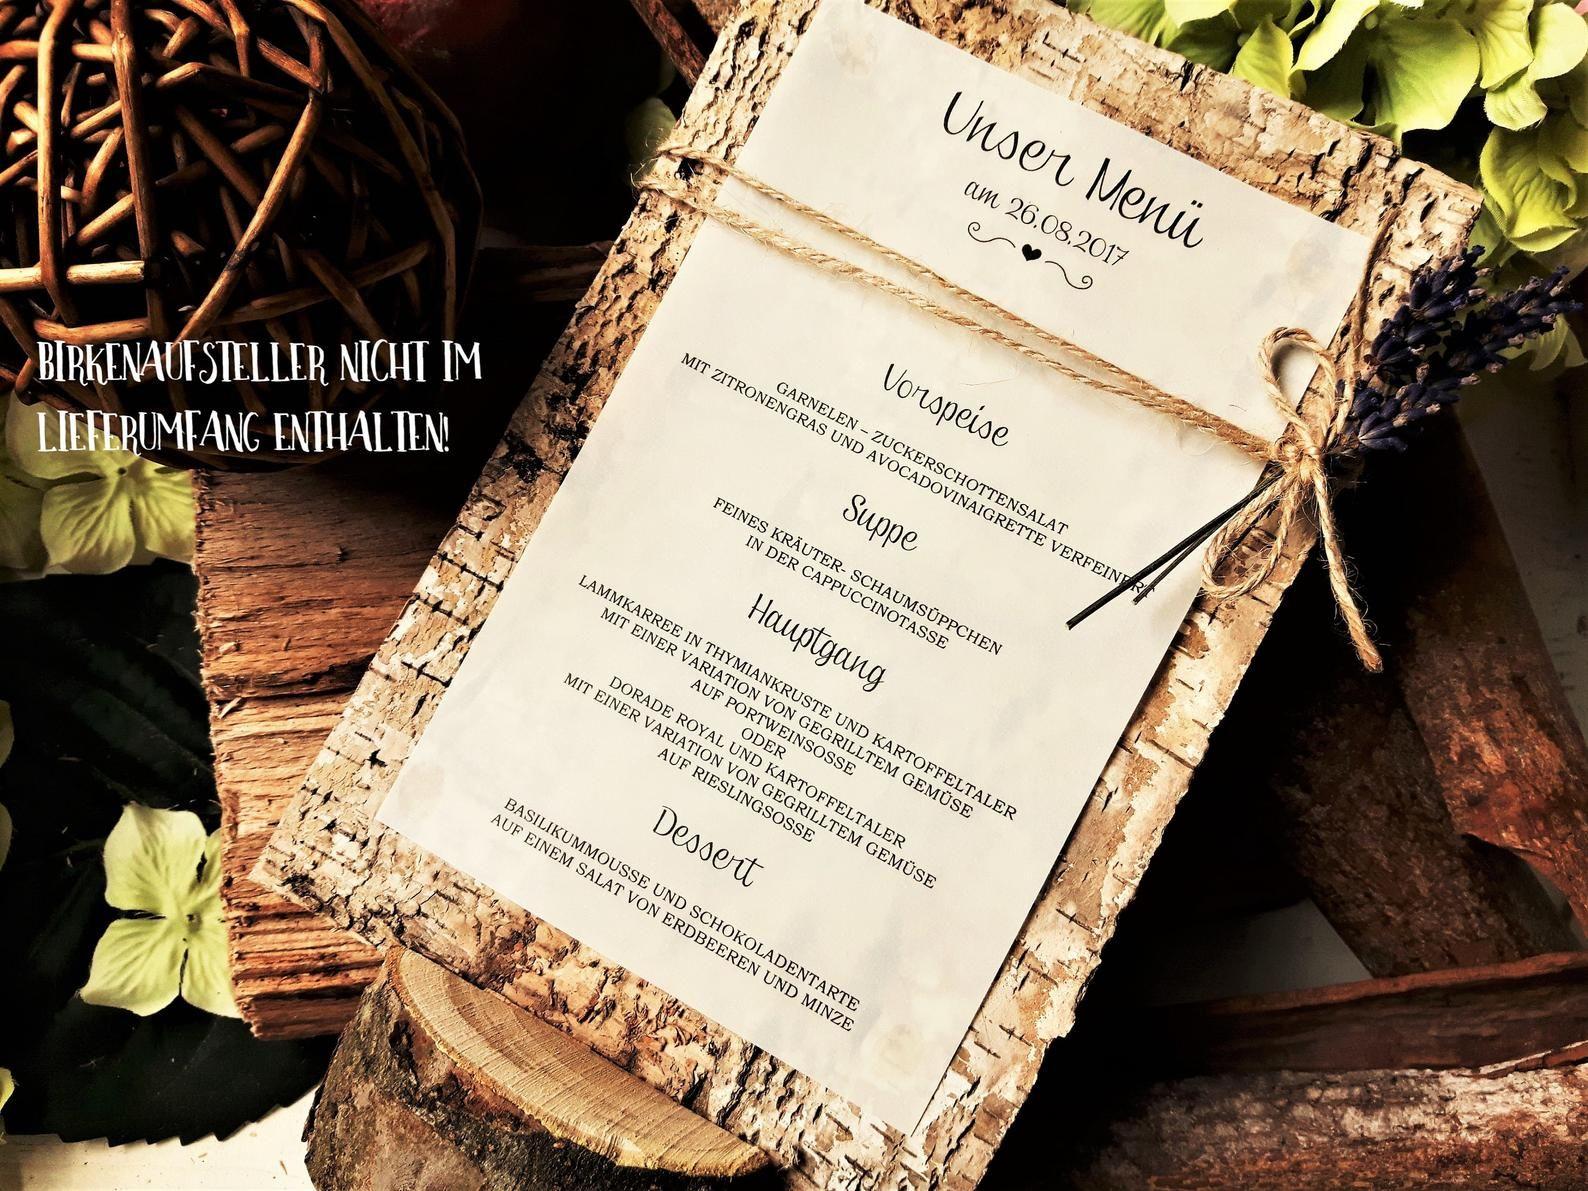 10x Menu Card Menu Wedding Vintage Beverage Card Wood Birch Jute Kraft Paper Drinks Drinks List Buffet Buffet Menus Menu Menu Br In 2020 Getrankekarte Hochzeit Getranke Karte Und Menukarten Hochzeit